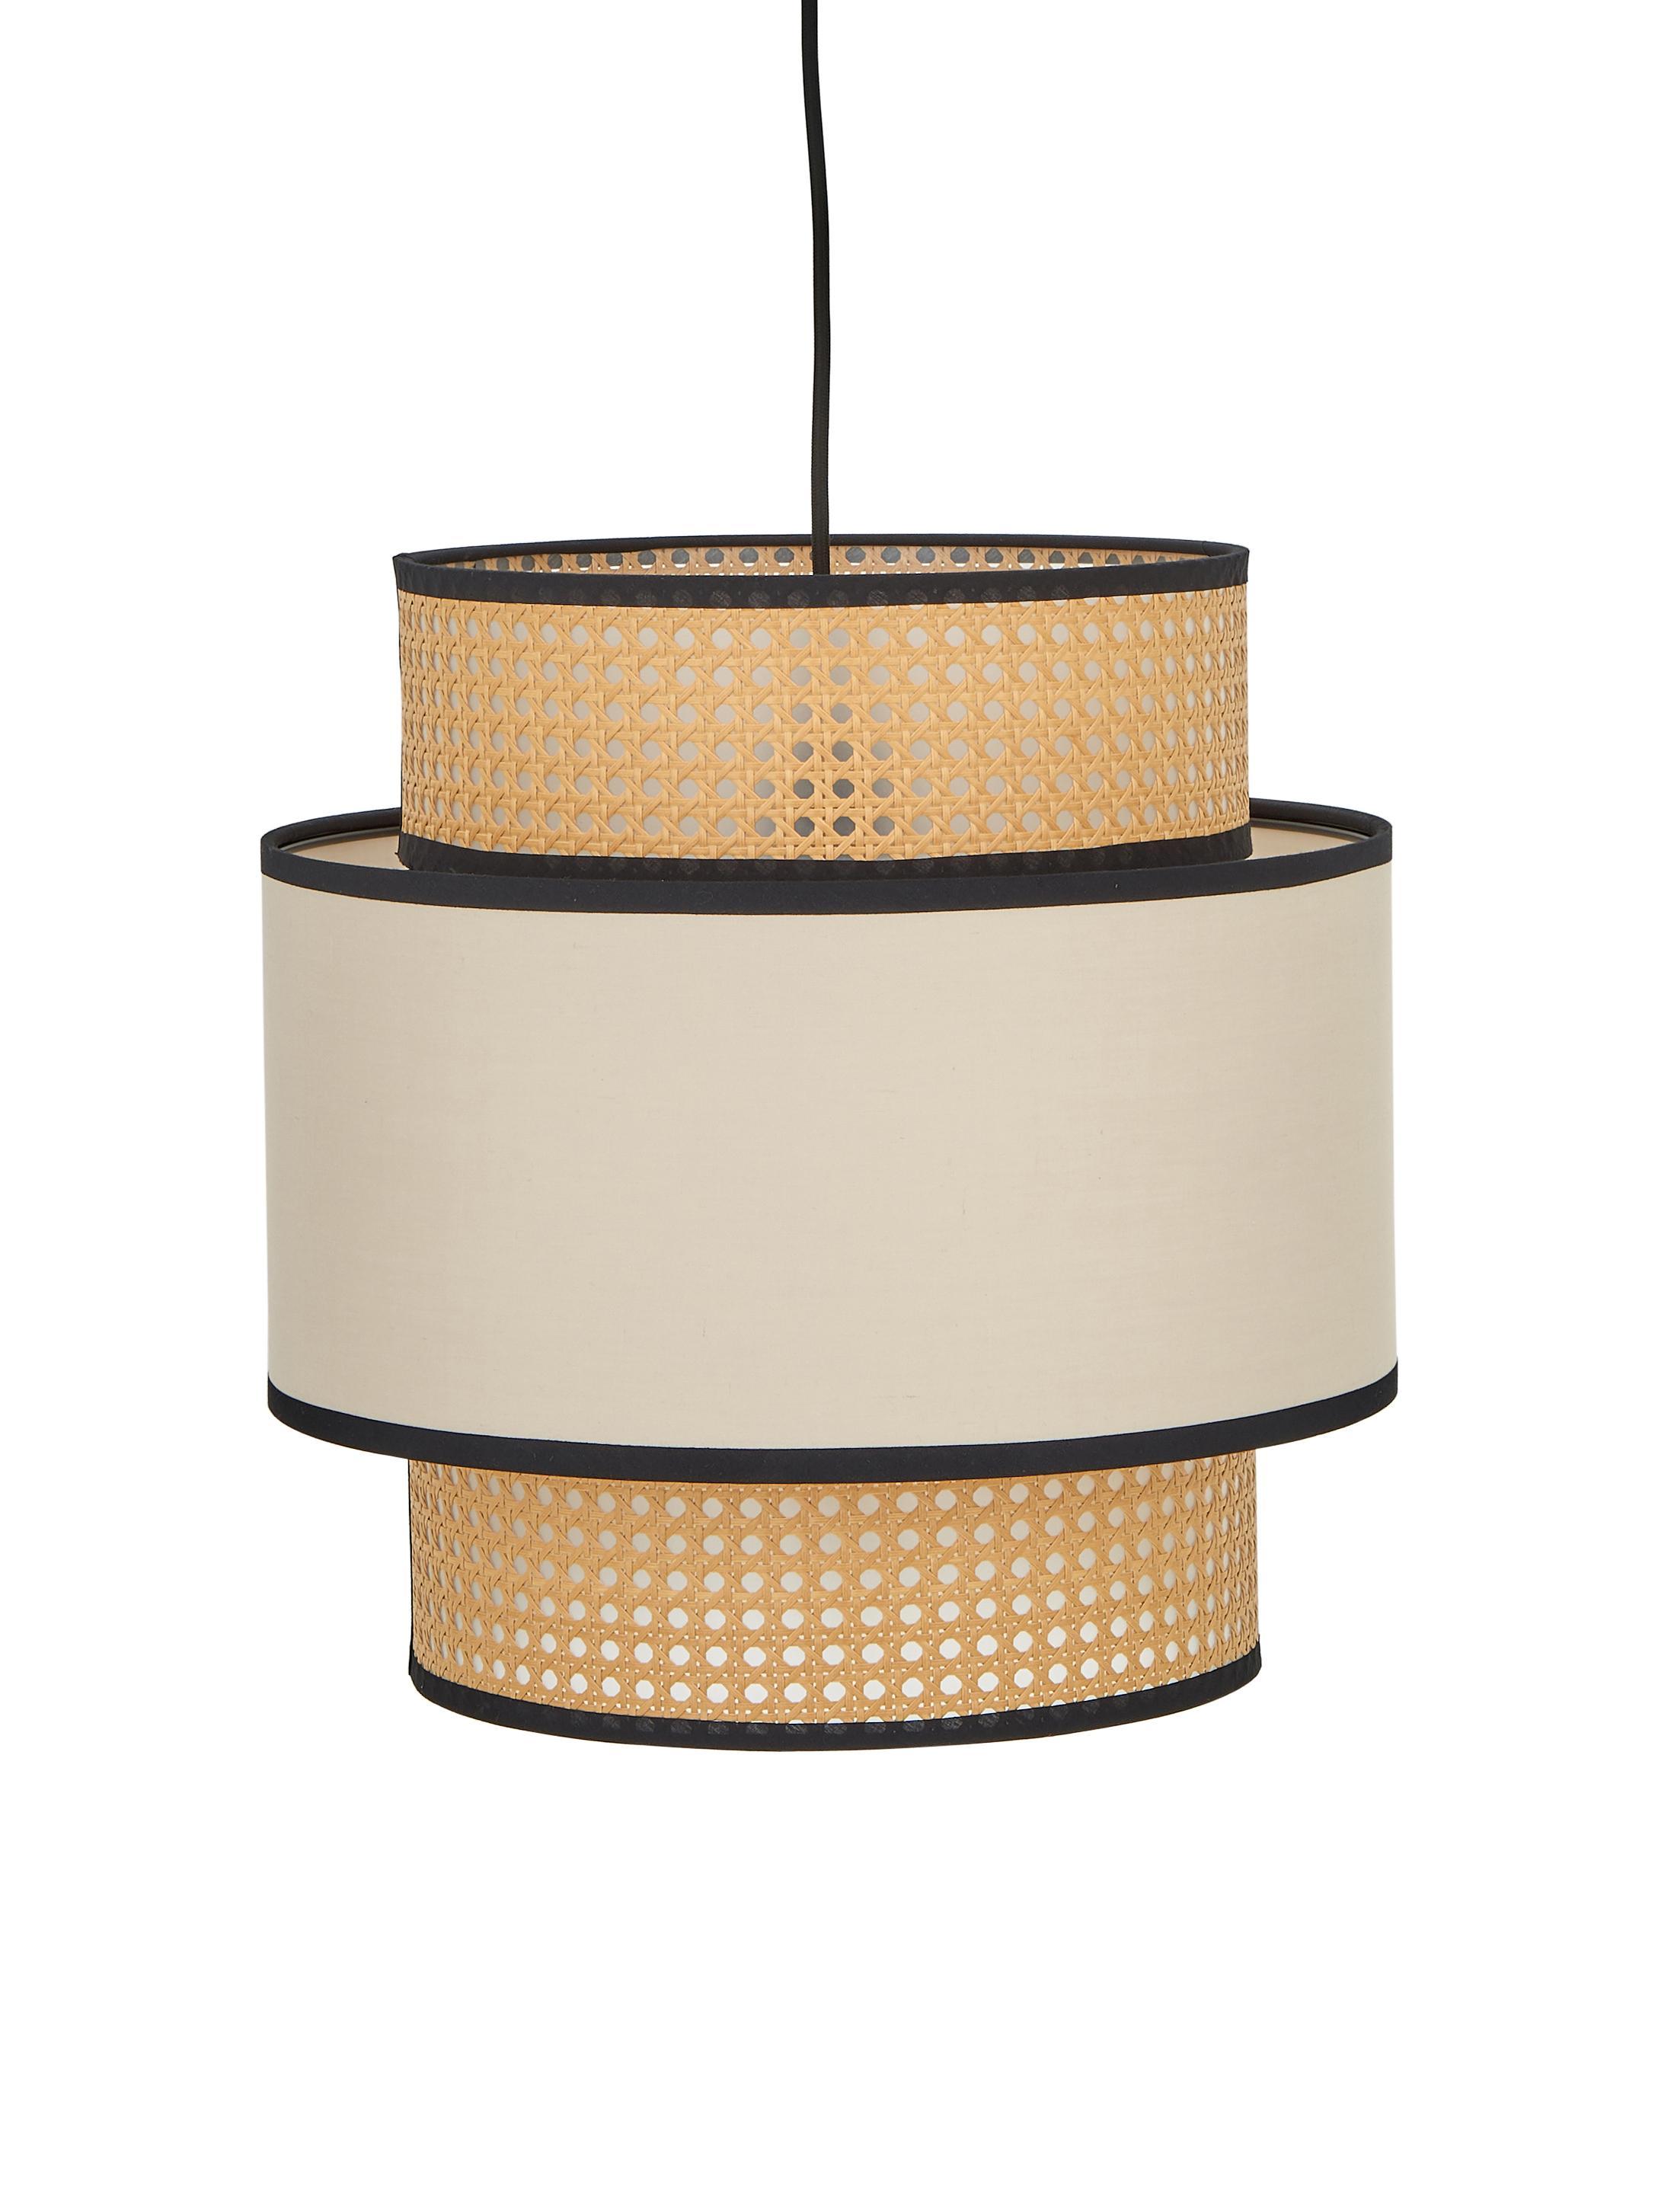 Lampa wisząca Vienna, Beżowy, czarny, kremowy, ∅ 40 x W 40 cm